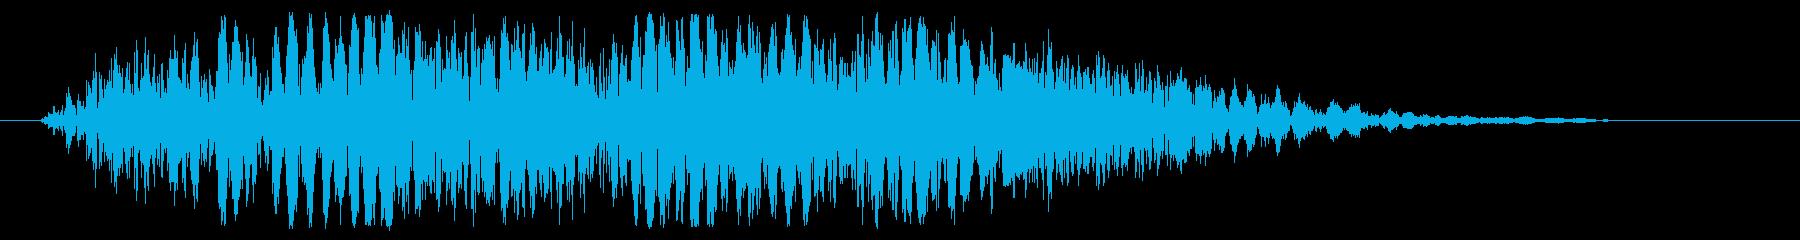 パンチやキックに最適な打撃音!06Hの再生済みの波形